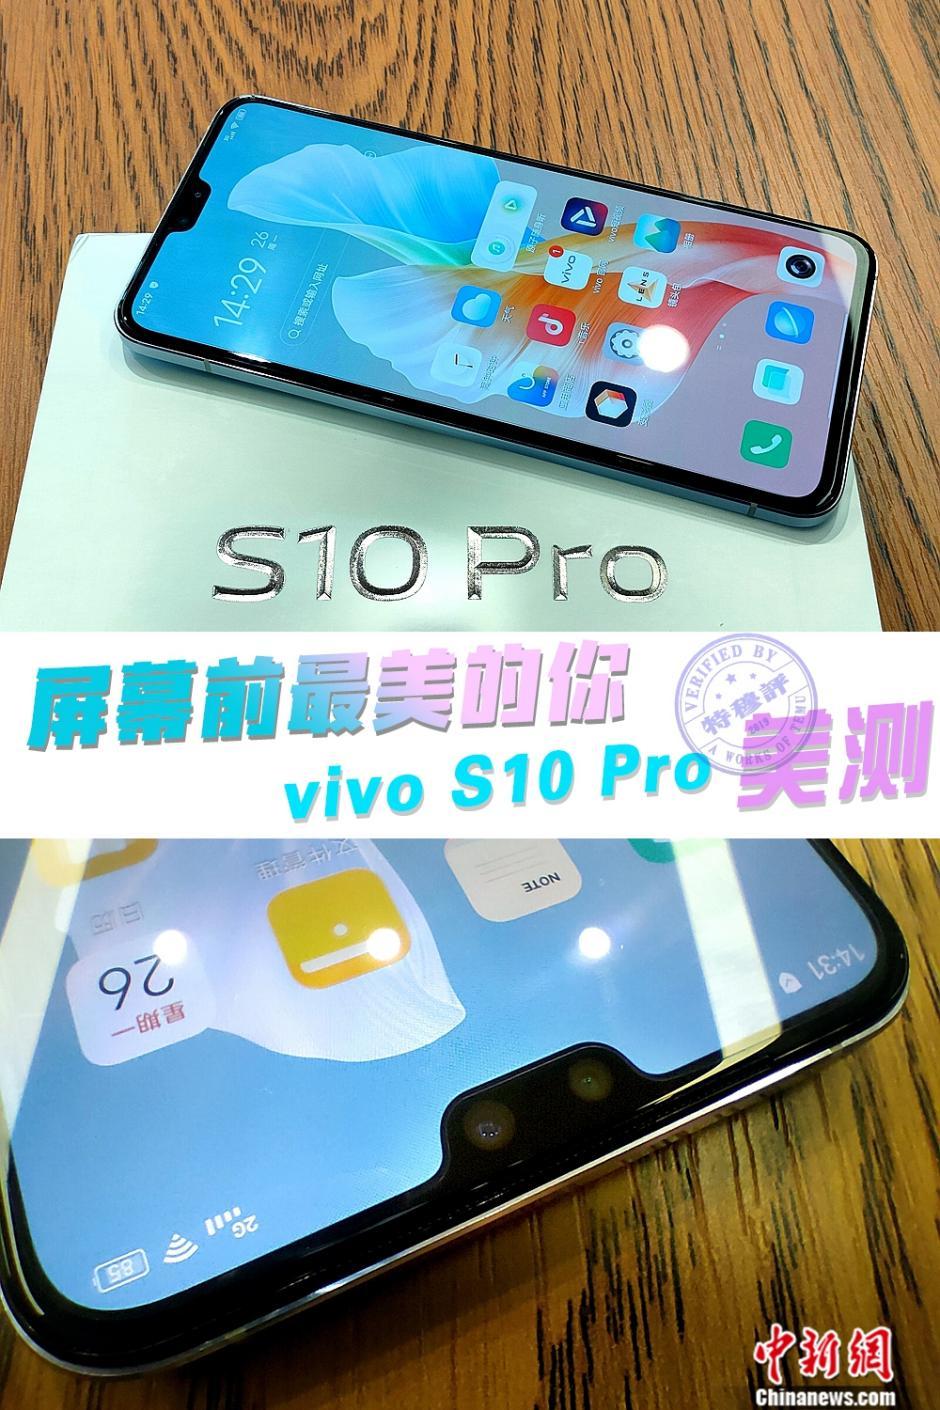 vivo S10 Pro评测:一切只为屏幕前最美的你